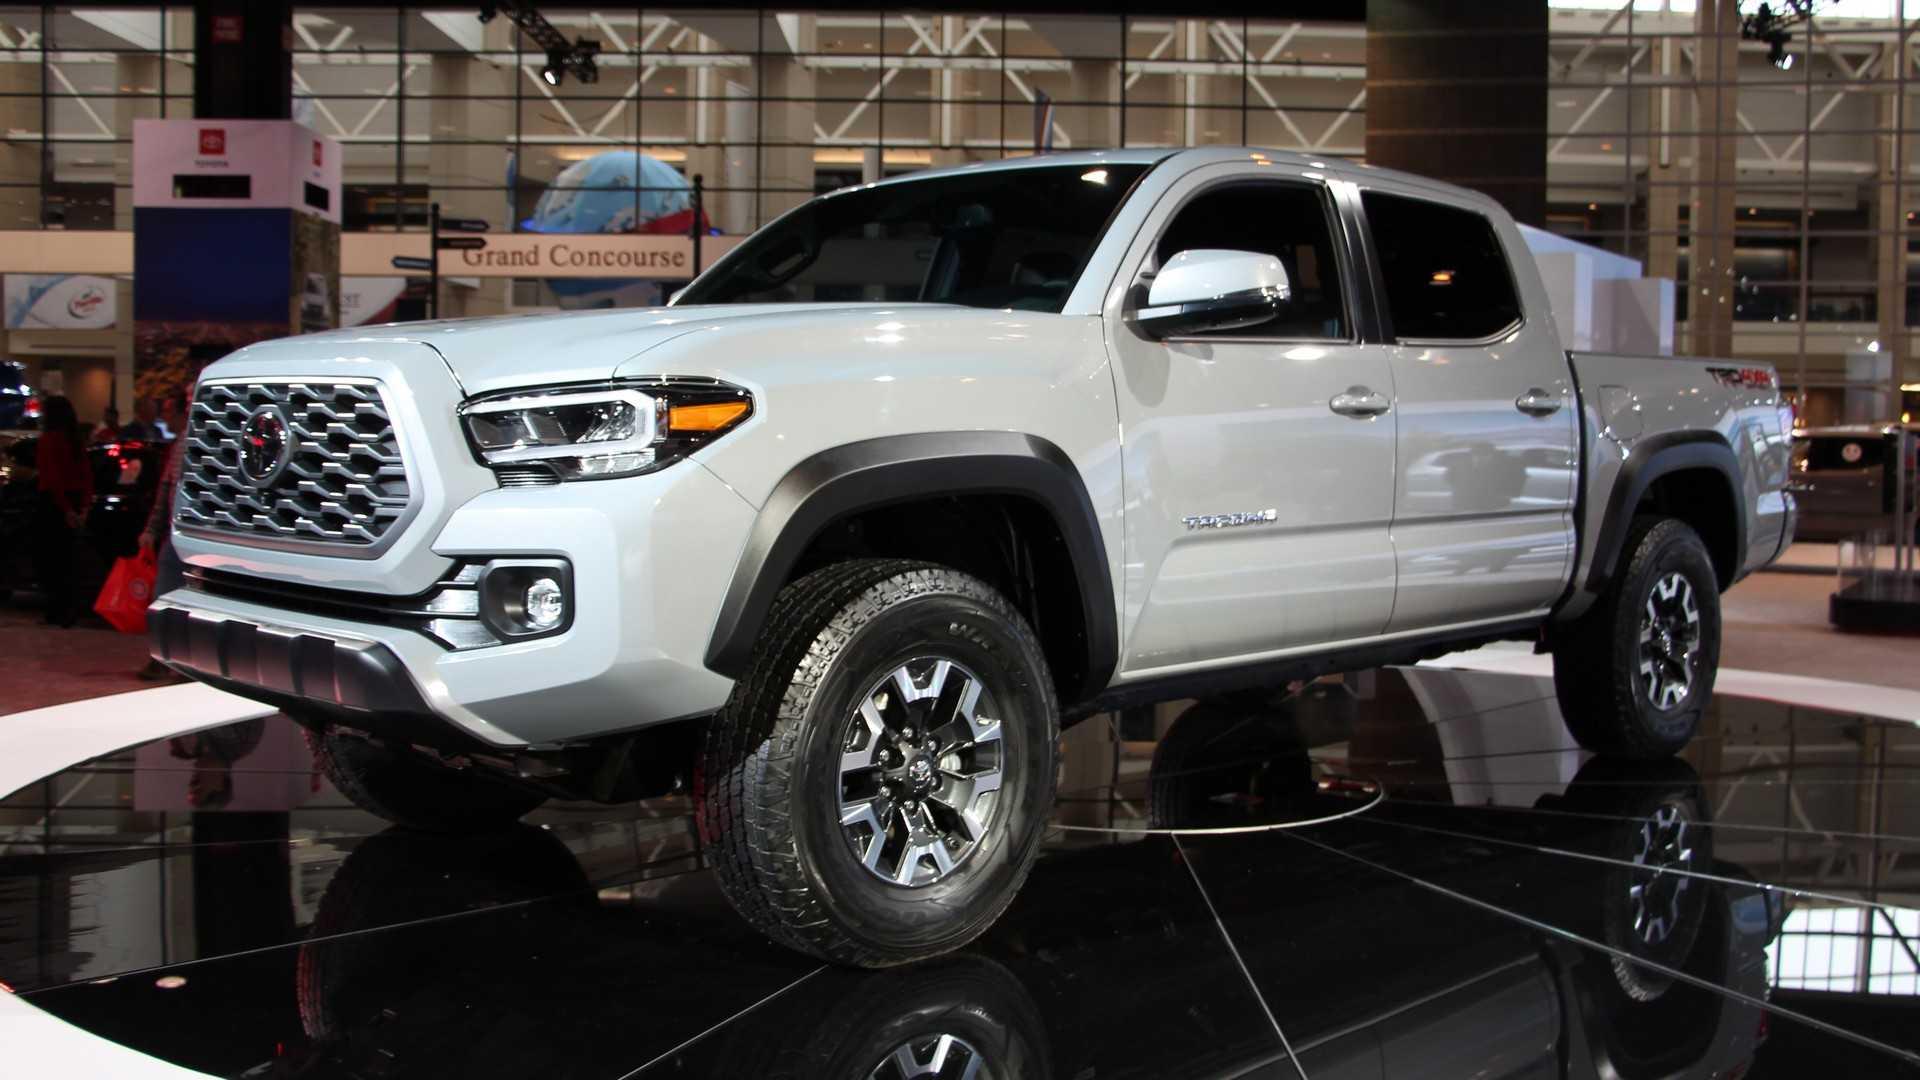 Toyota Tacoma 2020 en exhibición